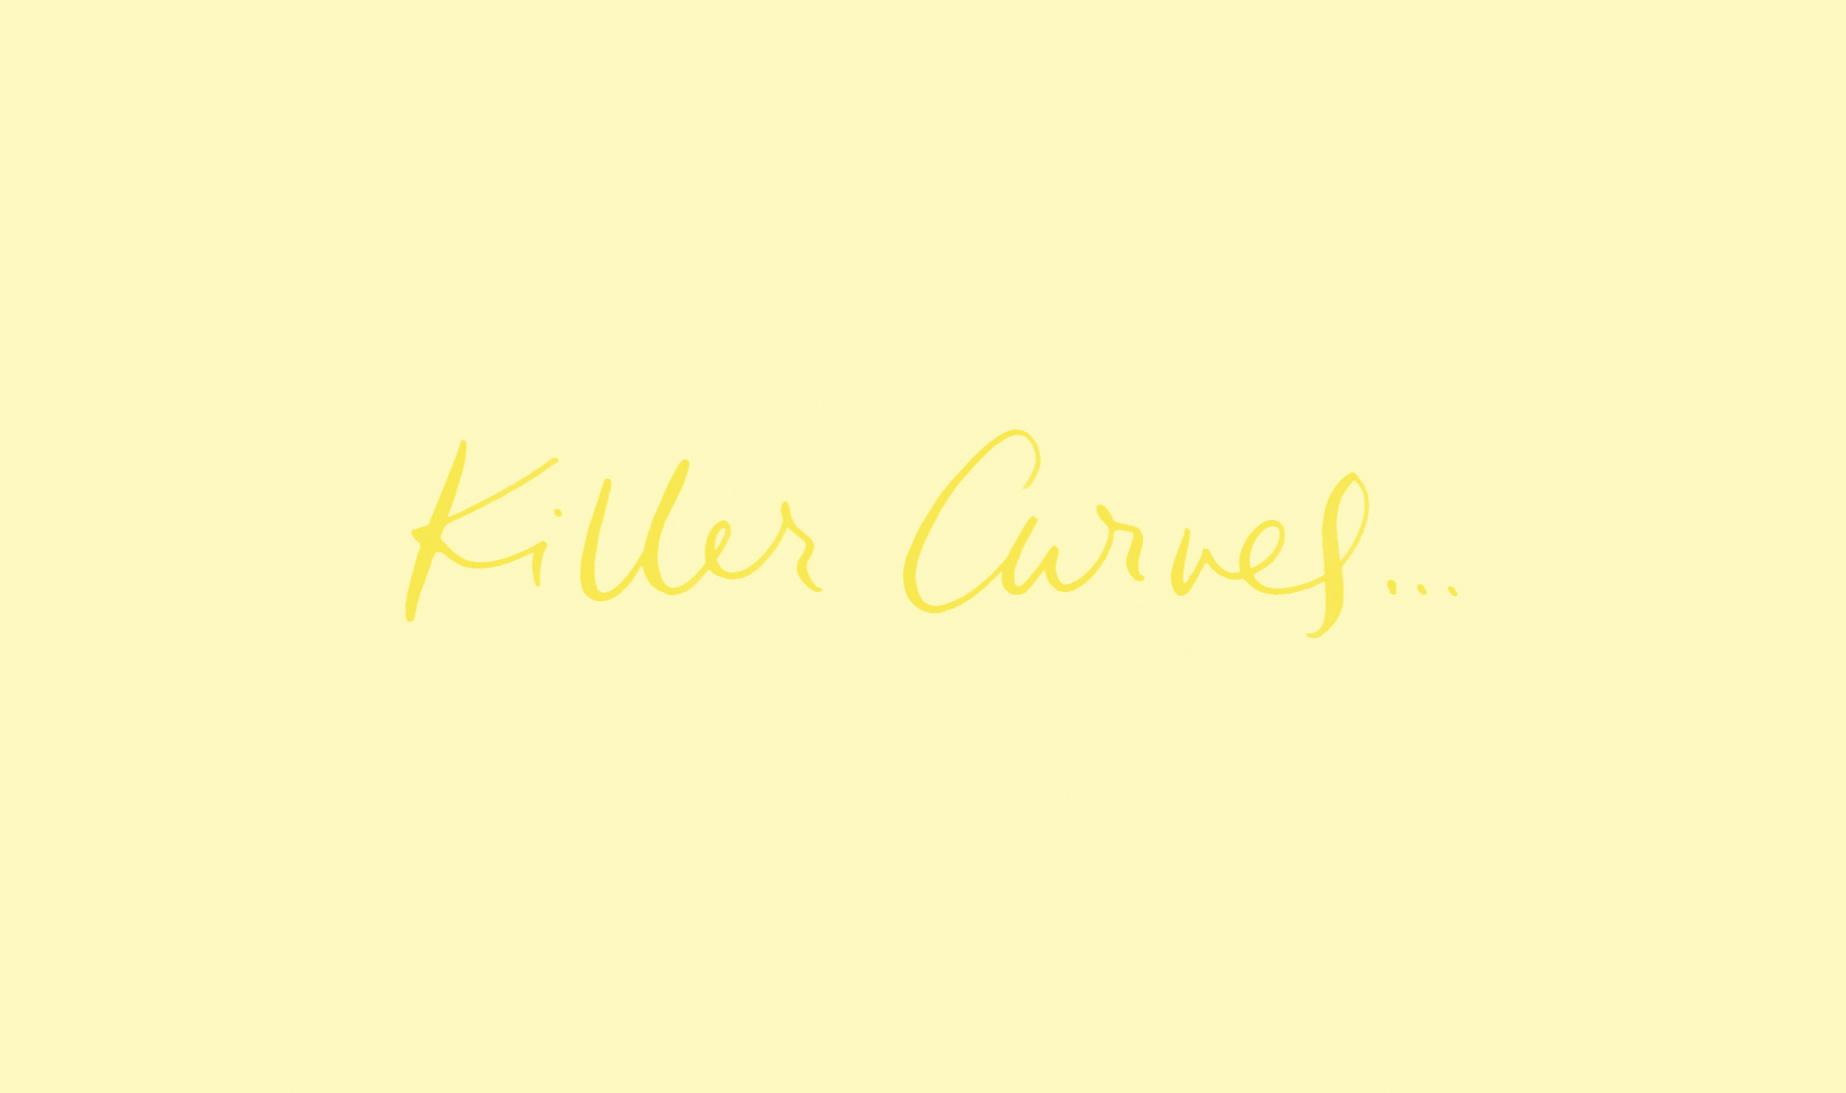 04_Boux_Killer Curves_v02.jpg